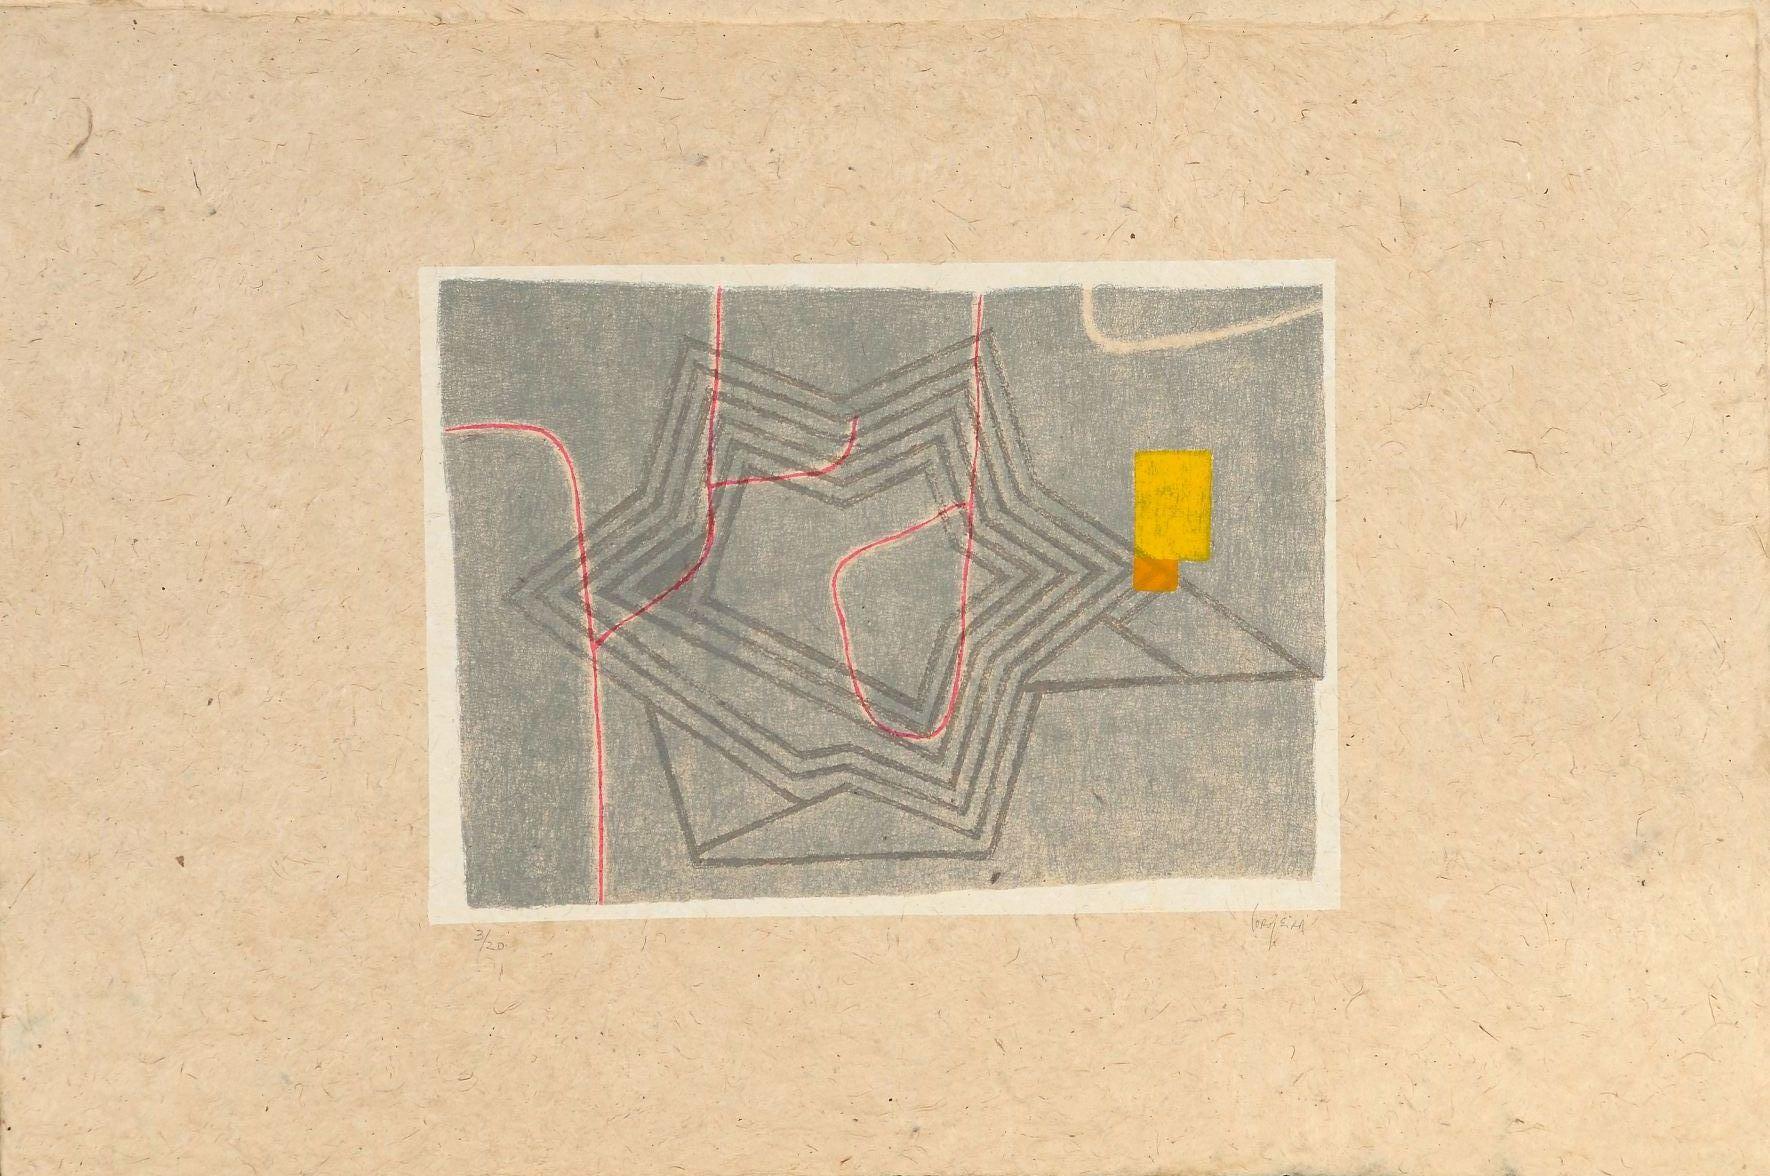 La ruta del jardín celeste 1,  2001